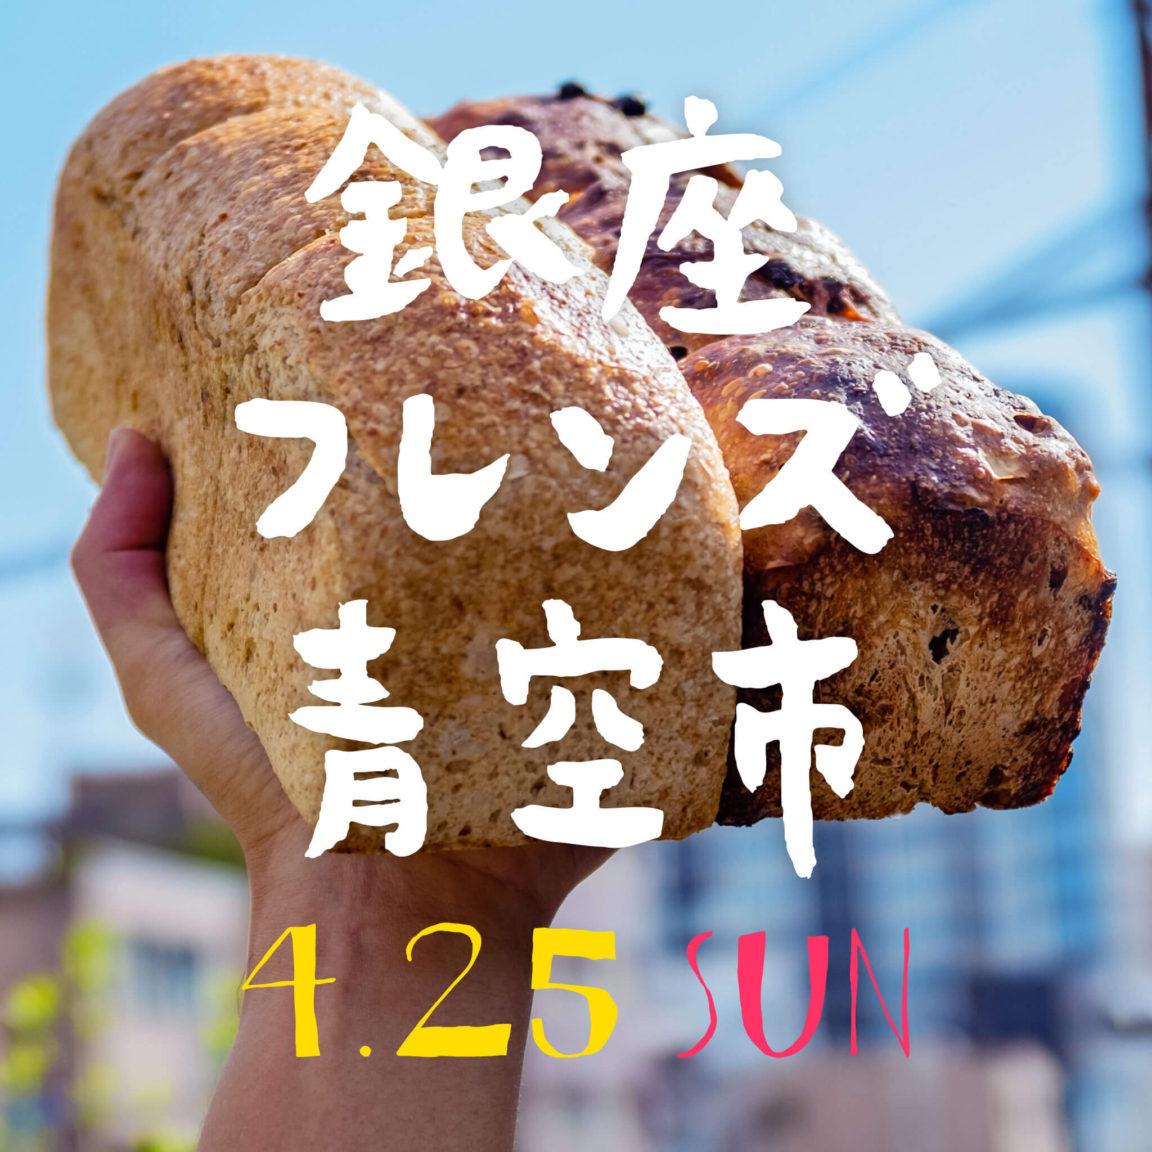 【開催延期】銀座フレンズ青空市<br>まちのパンとチーズとワイン<br>& ルヴァン